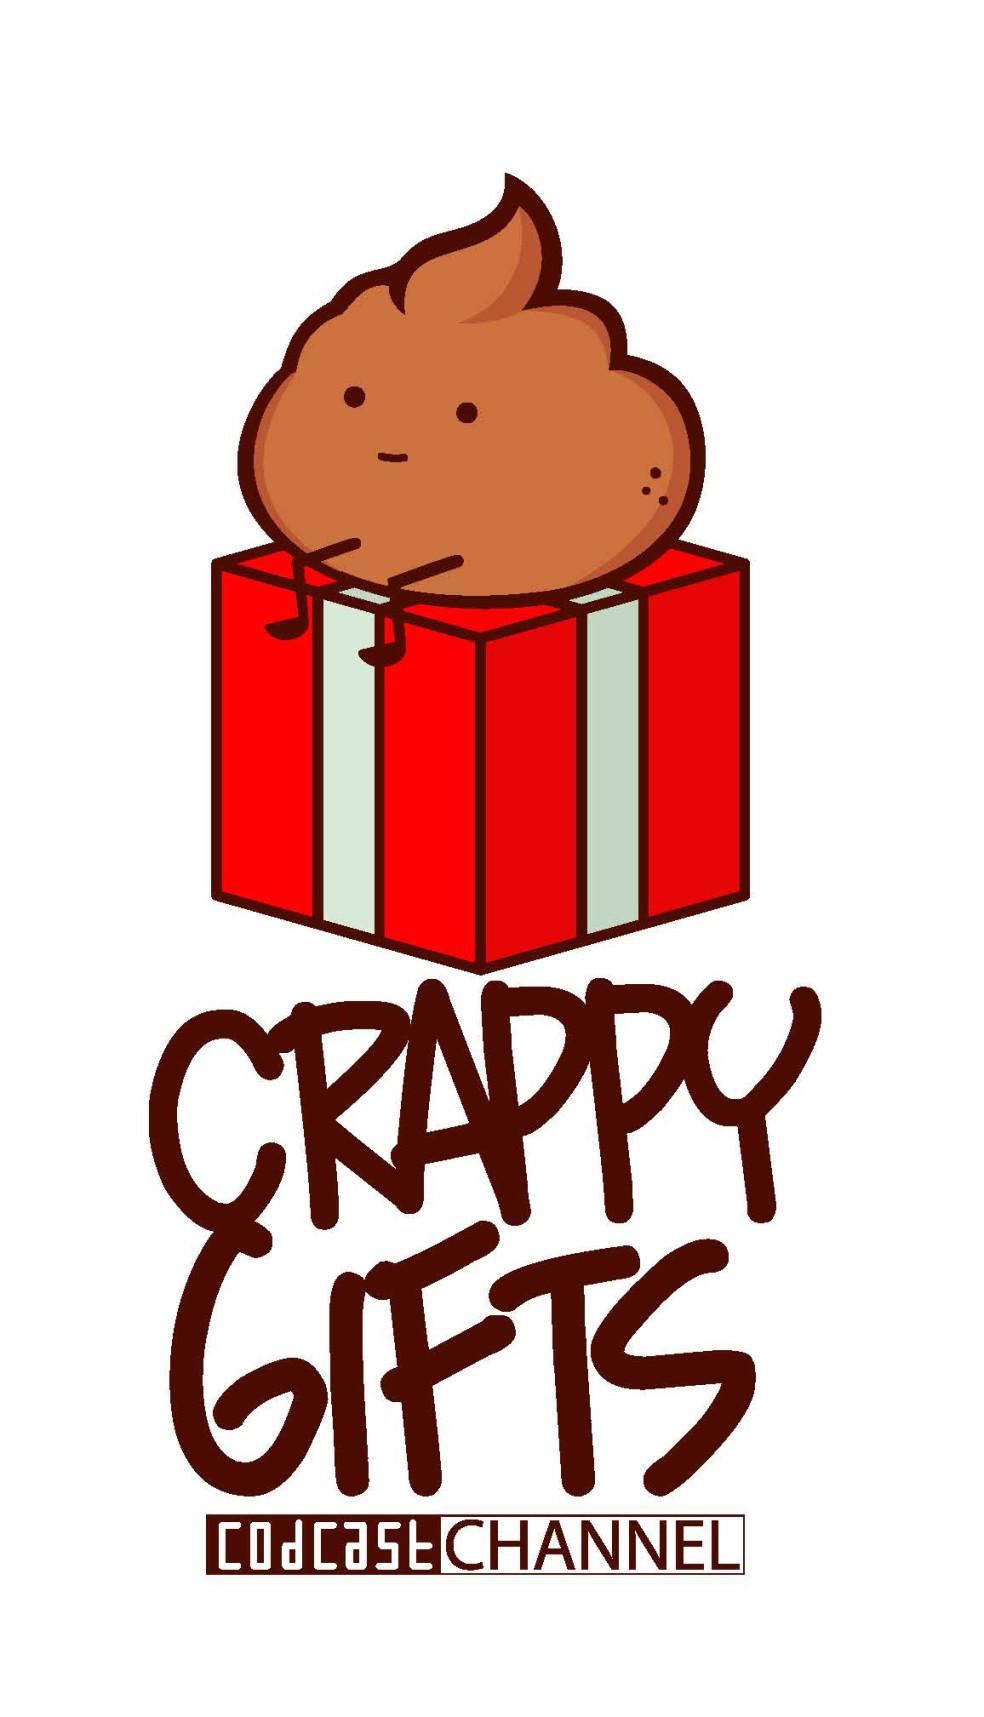 crappy gifts_draft01_Pagina_1